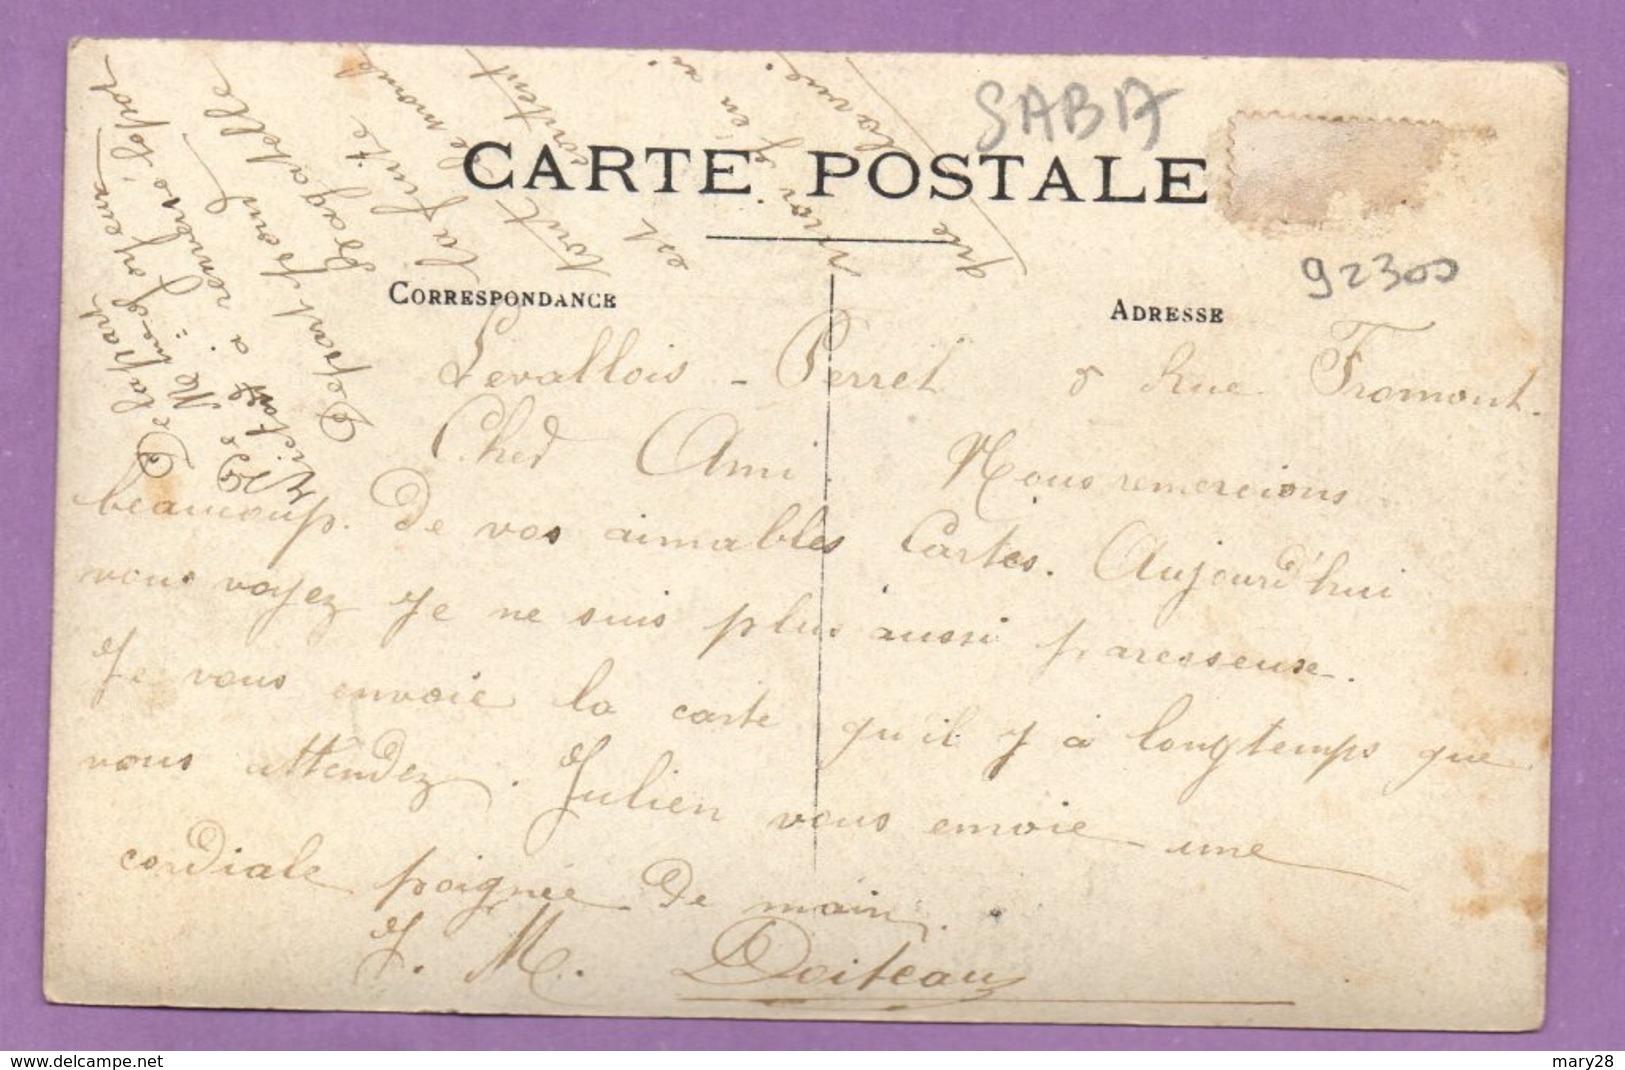 Carte Postale Levallois Perret 5 Rue Fromont Noté Sur Le Verso De La Carte - à Determiner - France